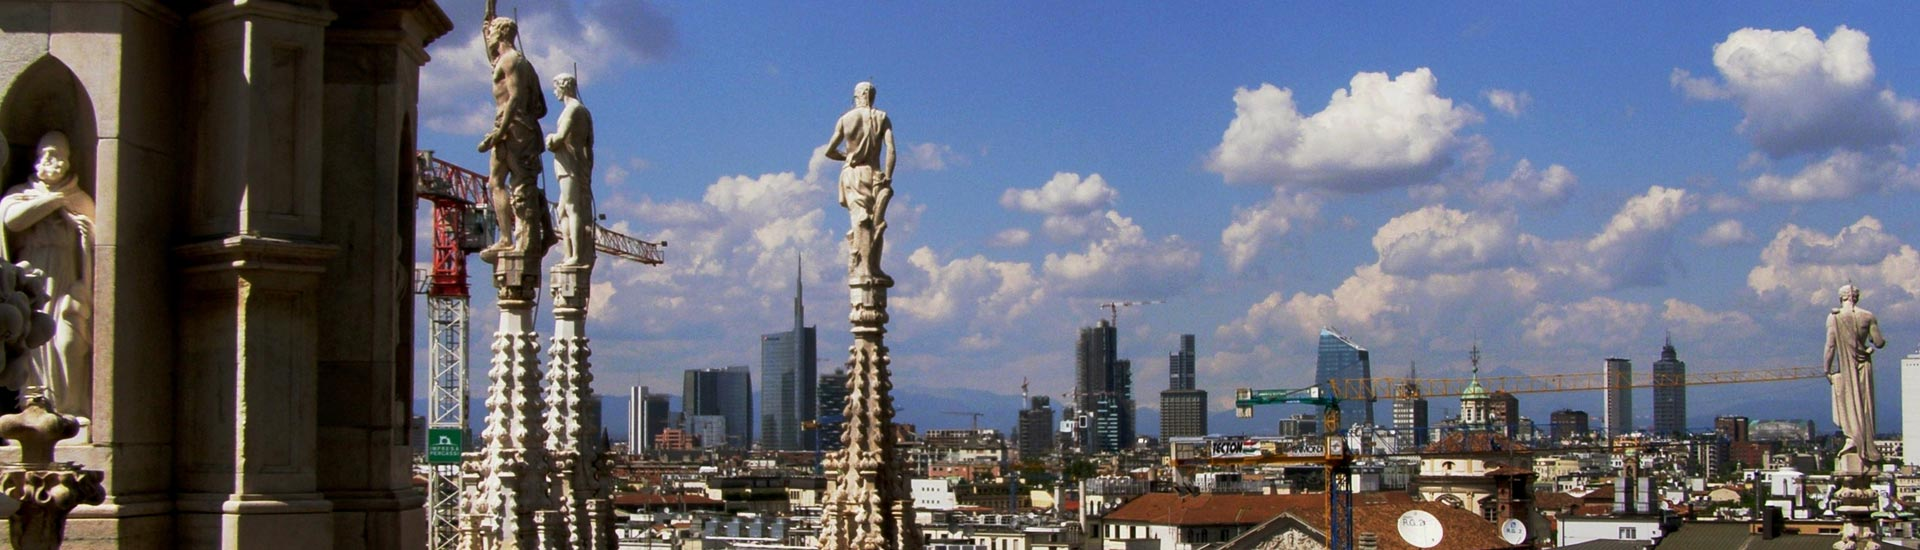 Irish Rugby Tours to Italy - Milan